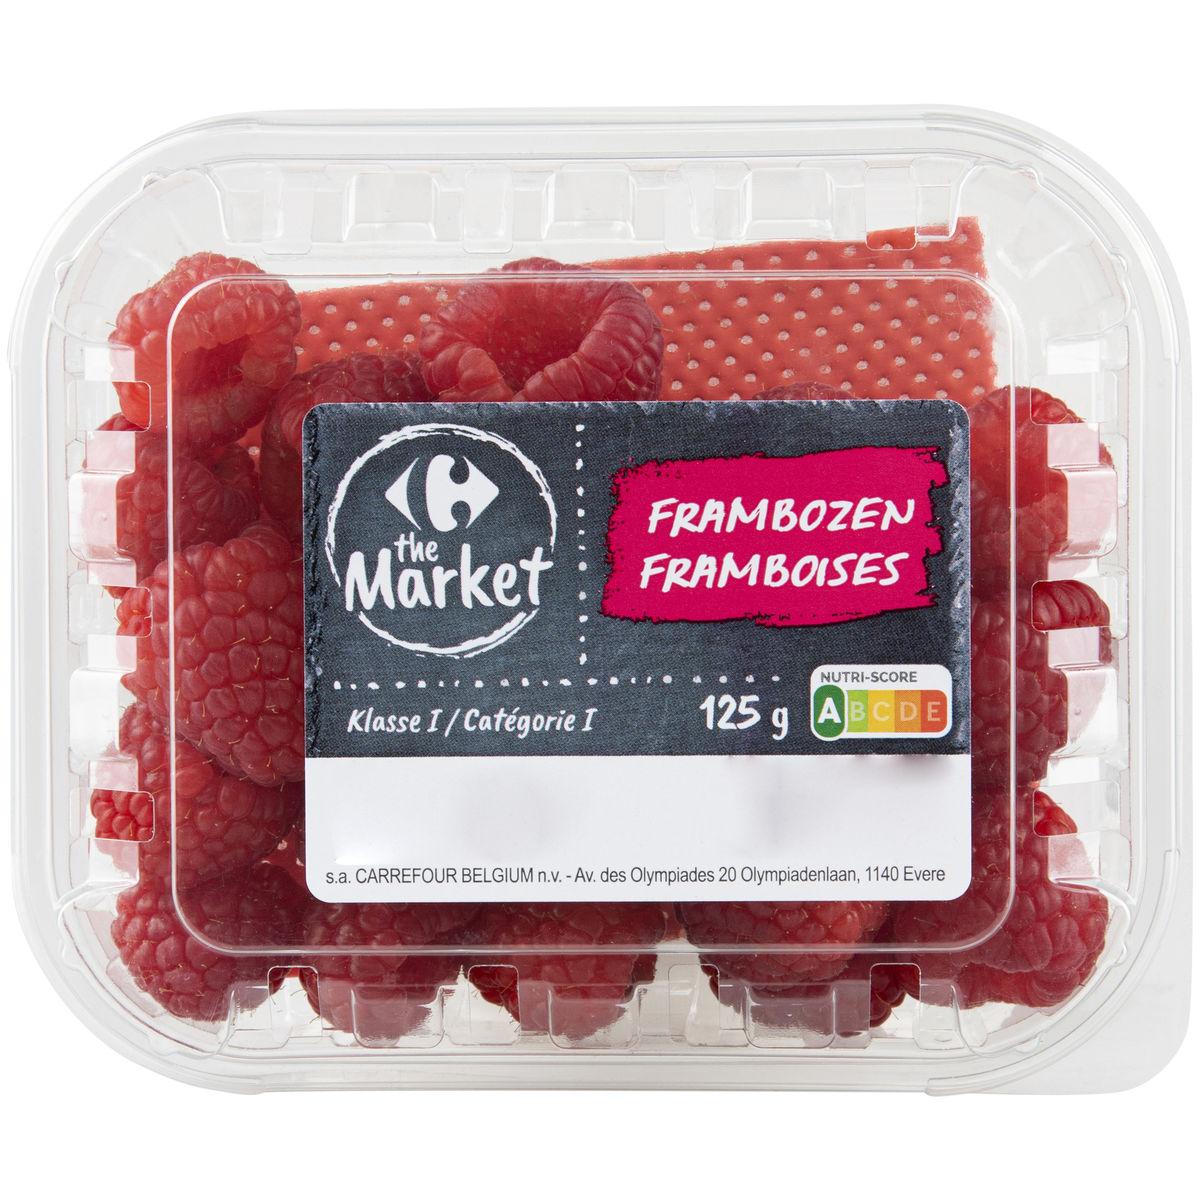 Carrefour Framboises 125g